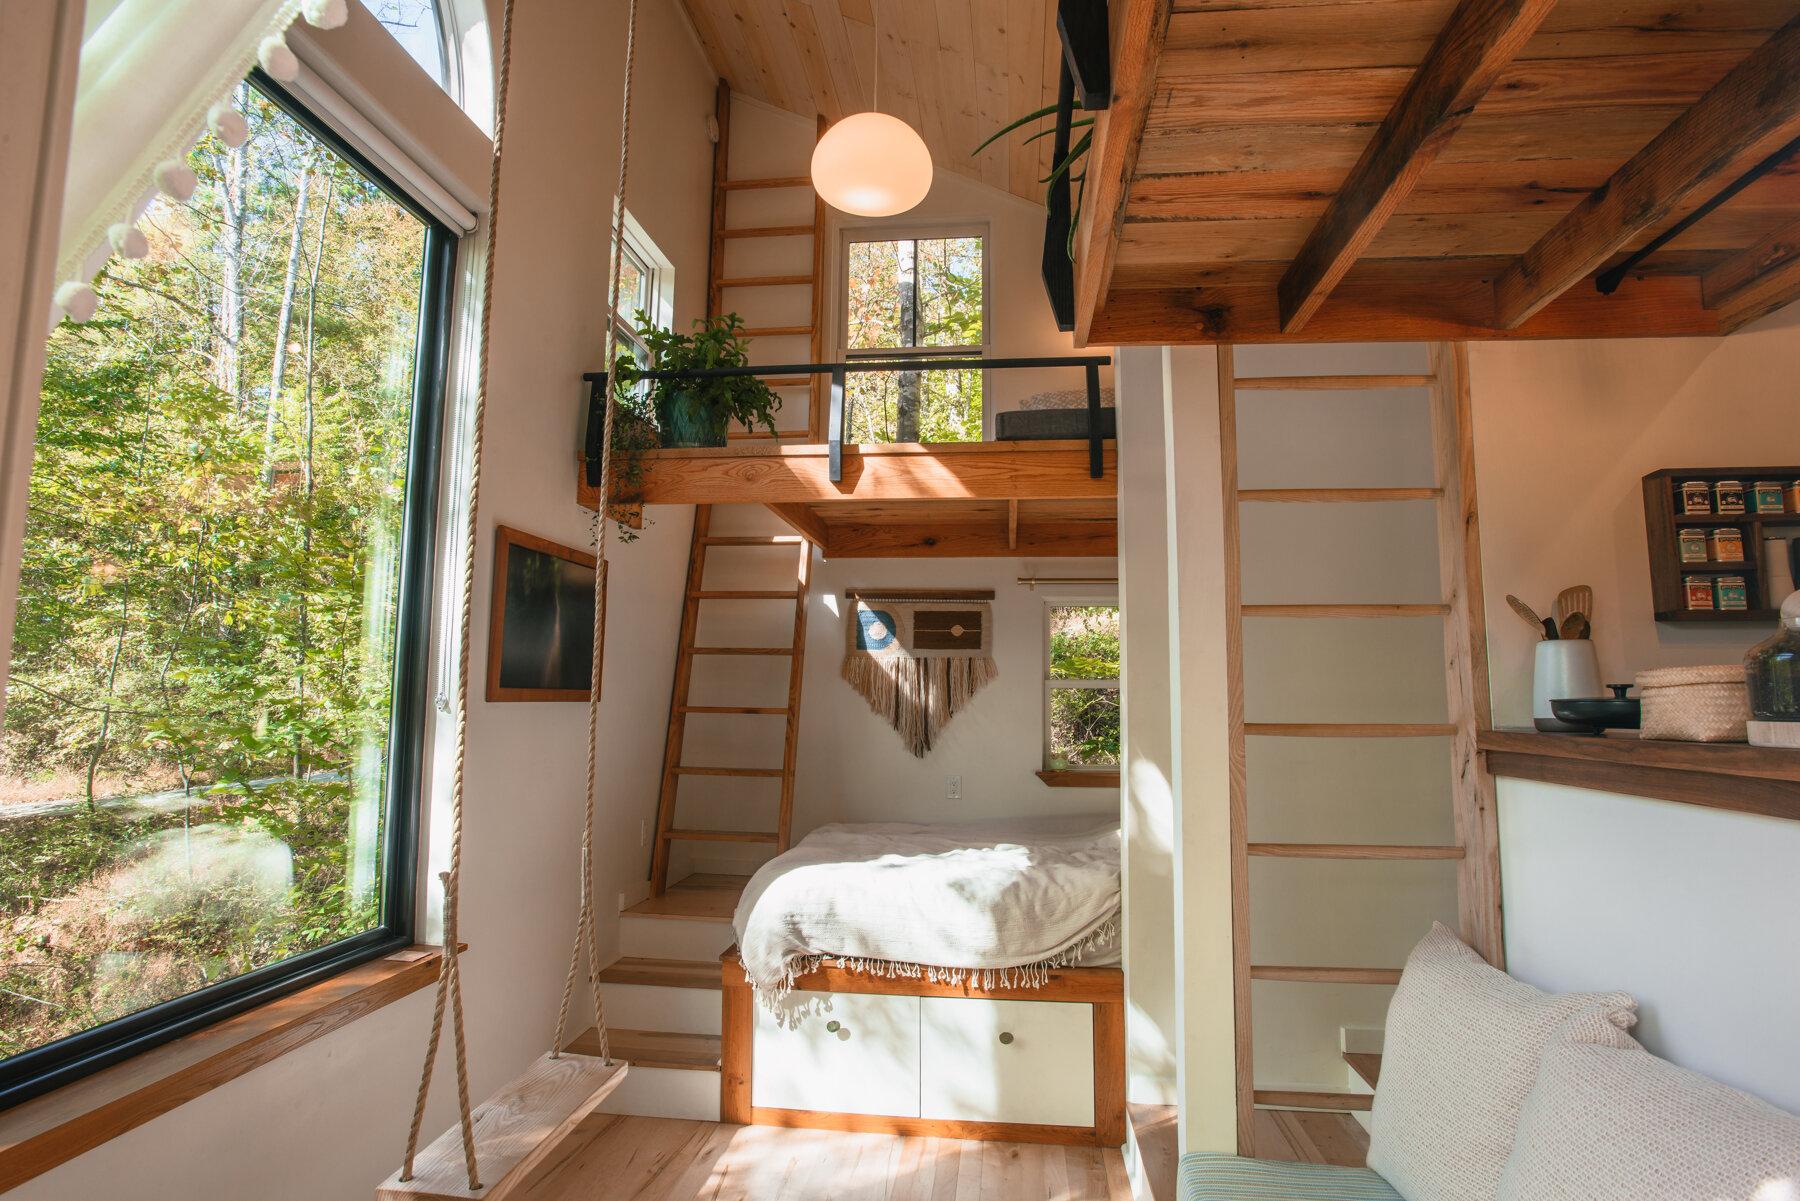 Căsuță în pădure de numai 37 m² cuibul perfect pentru o vacanță în doi 12